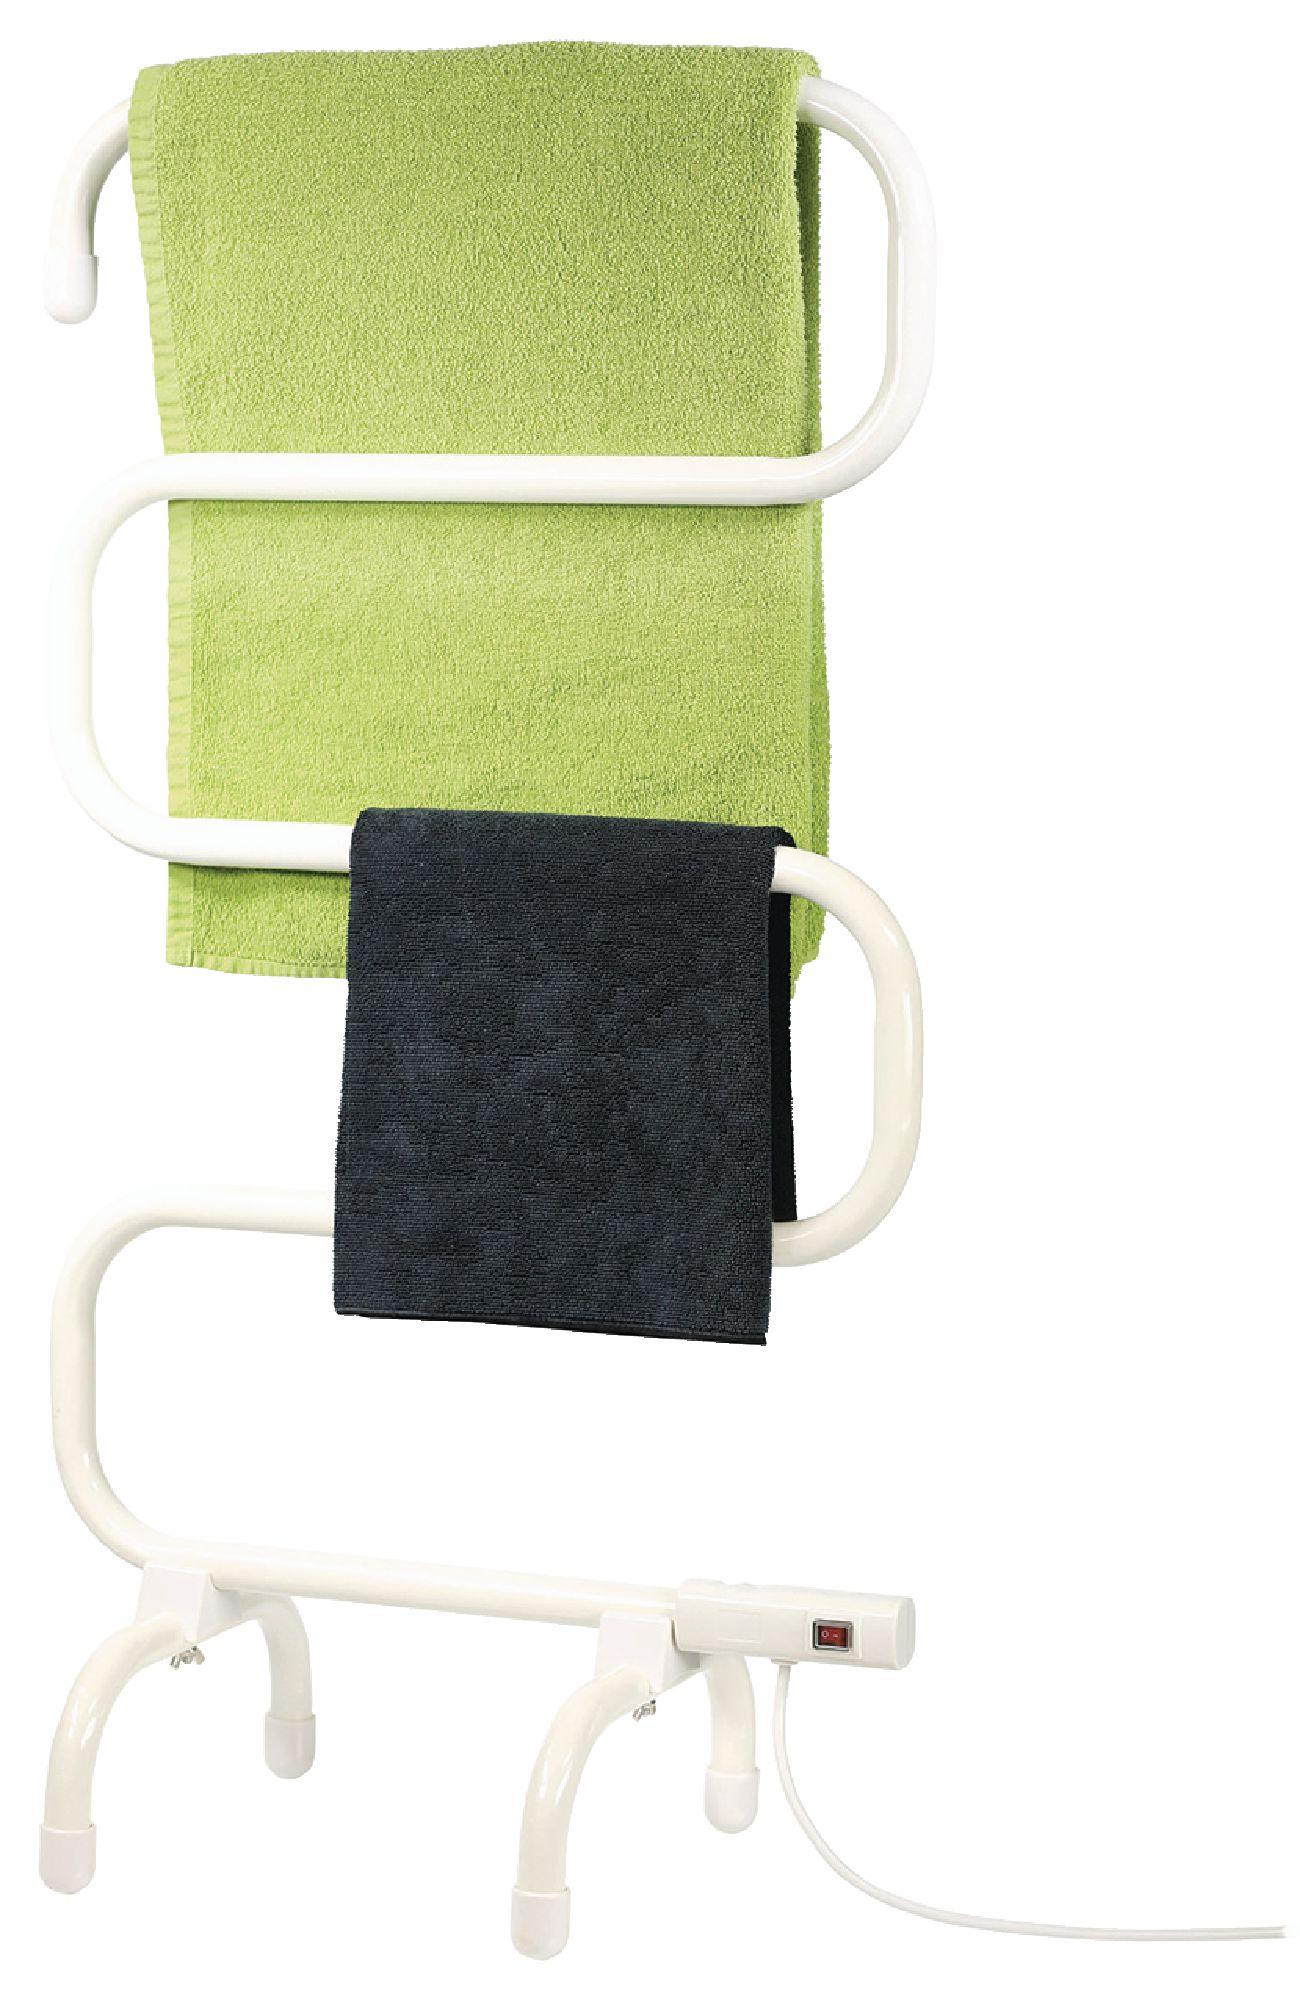 Elektrický volně stojící ohřívač ručníků 100 W